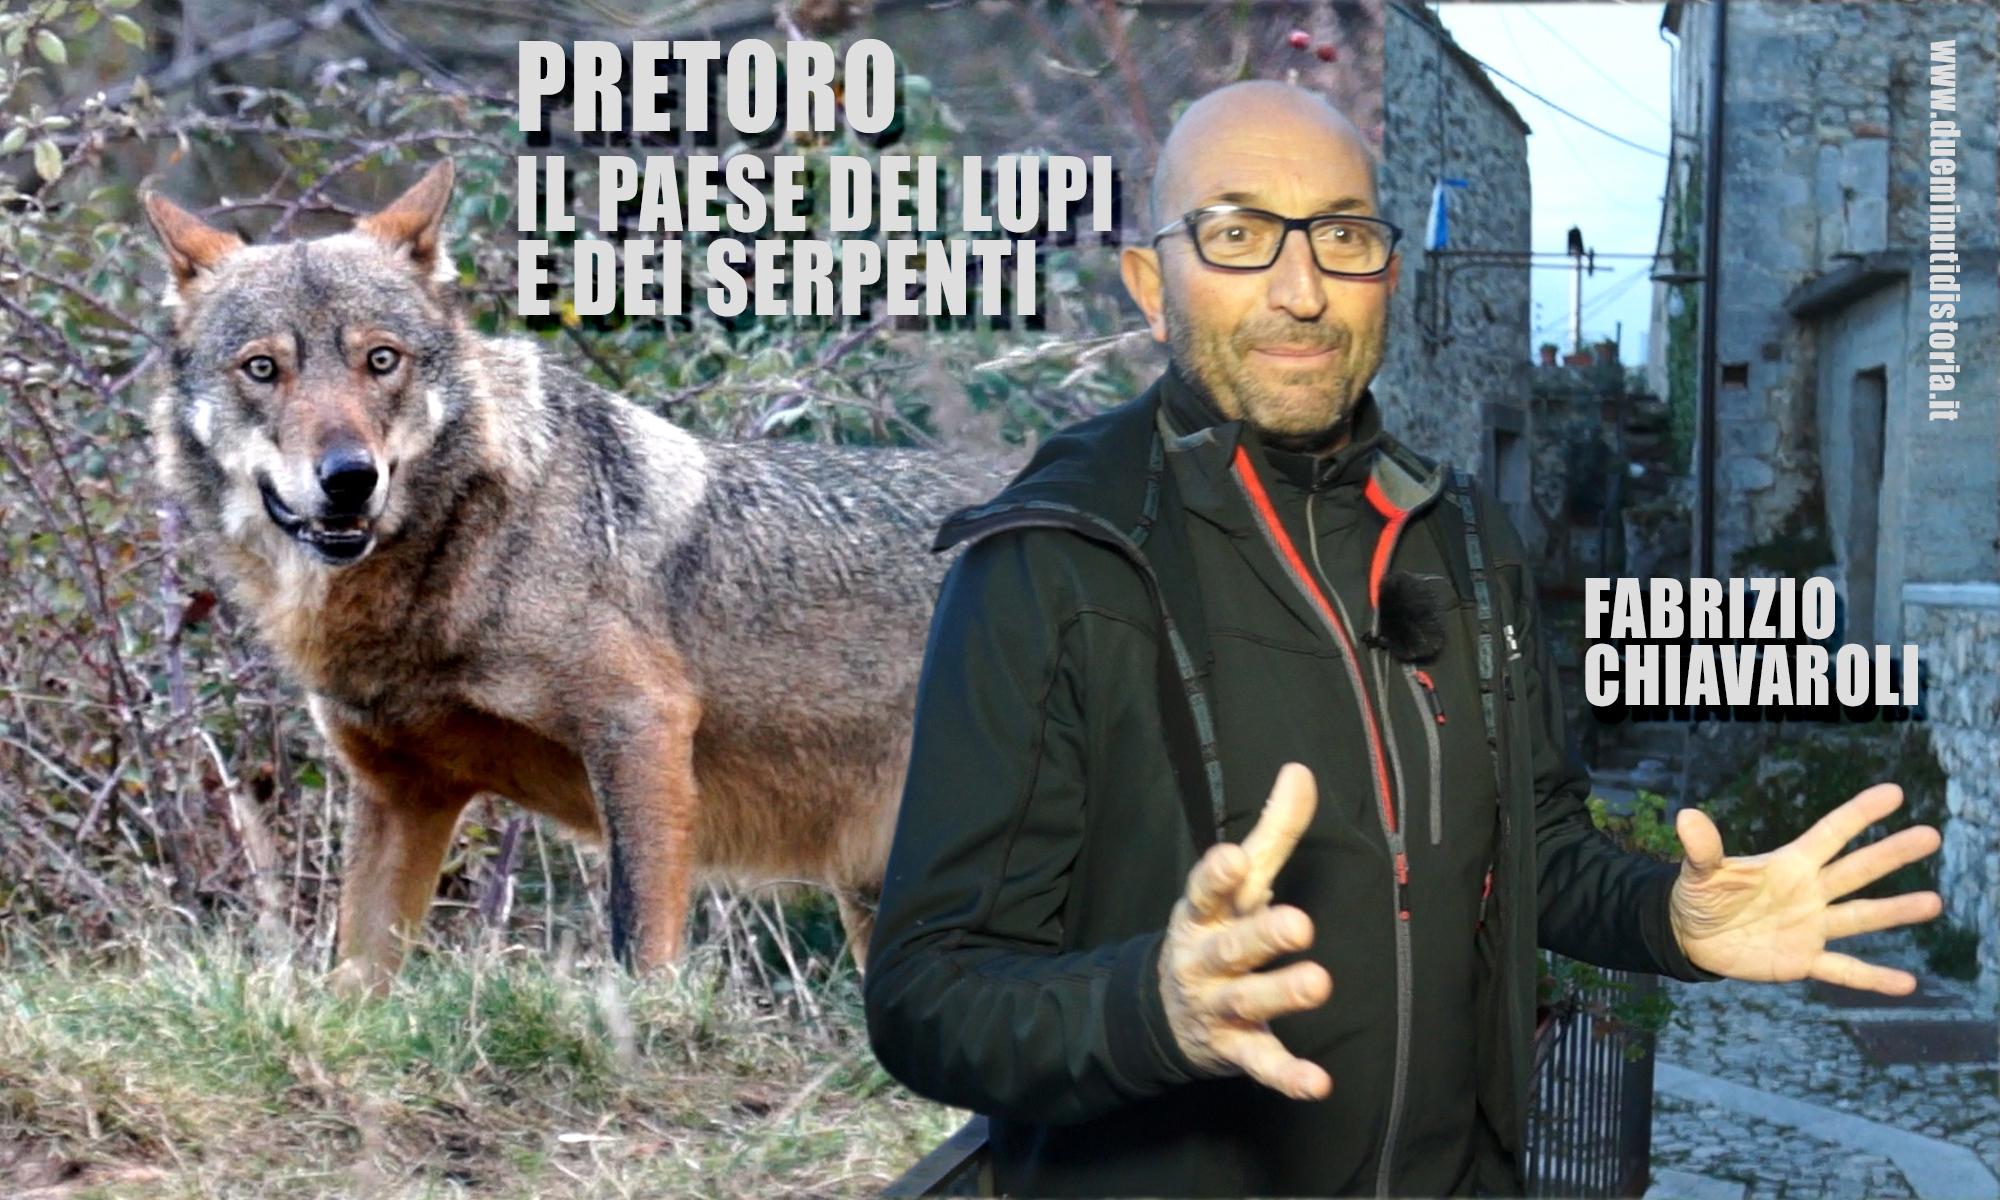 Pretoro, il paese dei lupi e dei serpenti